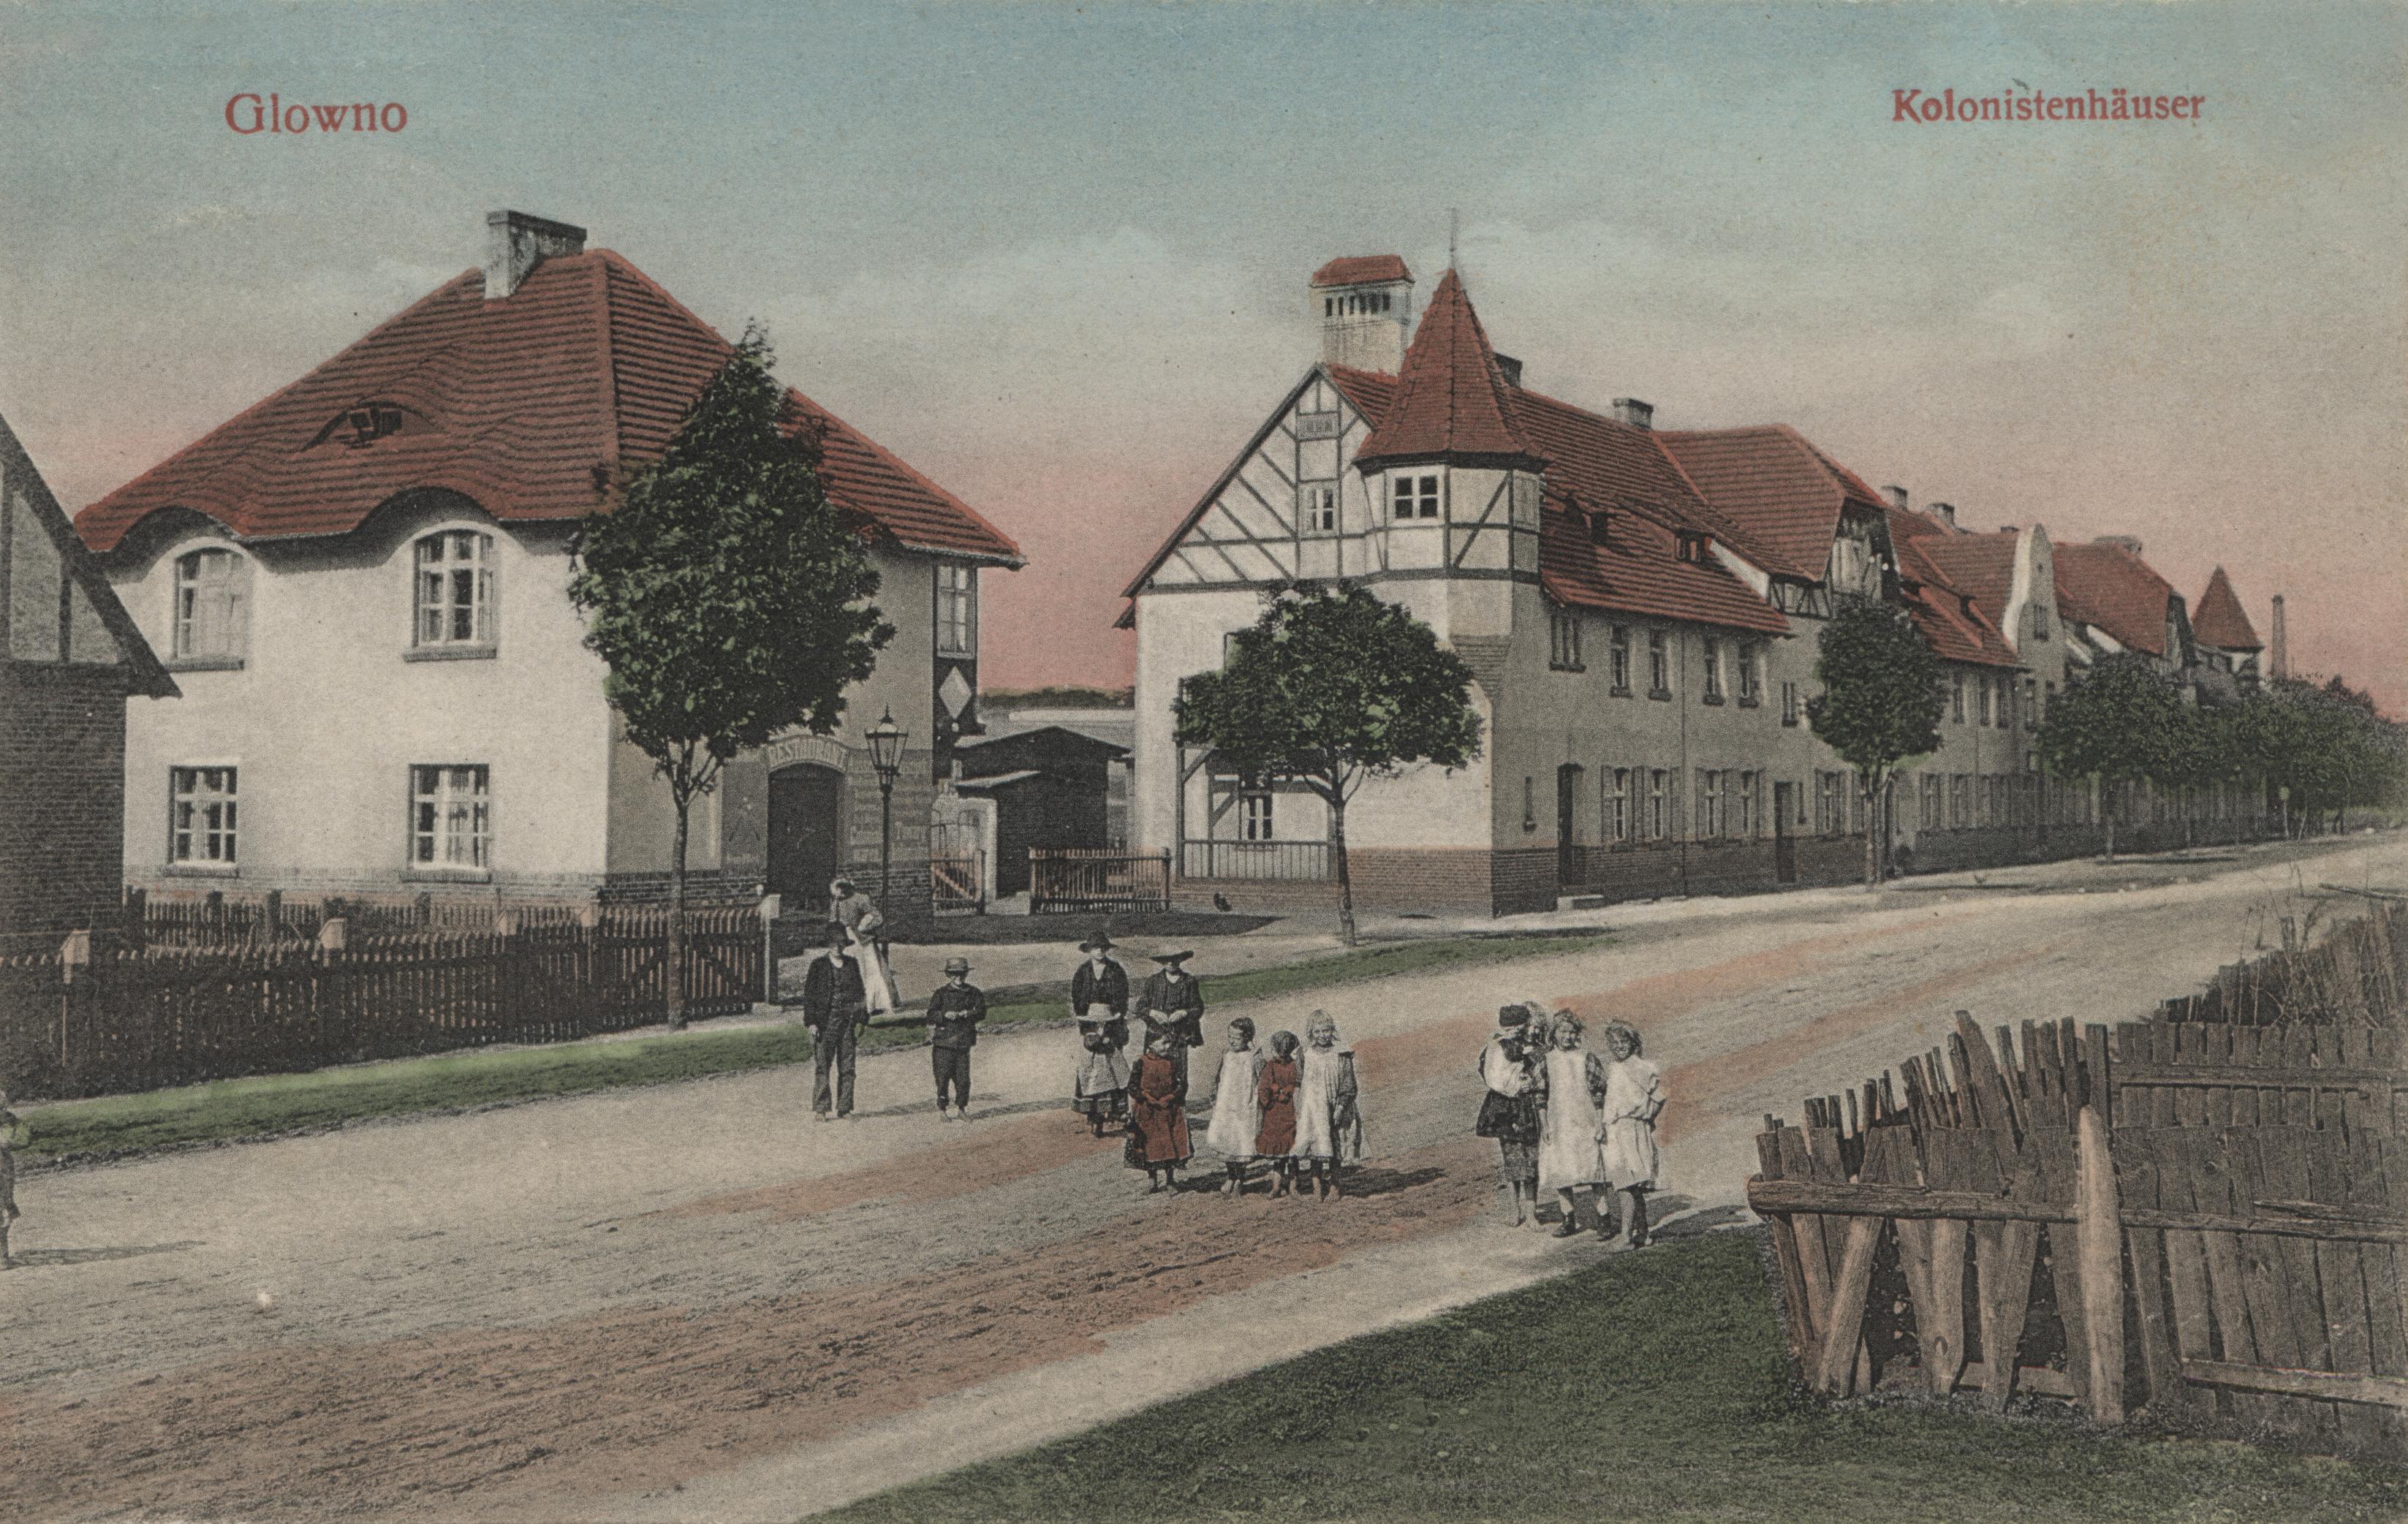 Glowno. Kolonistenhäuser. Jednoobrazkowa karta pocztowa z widokiem Kolonii Karlsbunne przy ul. Gnieźnieńskiej. Osiedle zostało wybudowane w 1906 roku z inicjatywy Deutsche Arbeiter-Wohnungsgenossenschaft (Niemiecka Robotnicza Spółdzielnia Mieszkaniowa), pomiędzy Pudewitzerstrasse (ul. Pobiedziską, dziś Gnieźnieńską), a rzeką Główną. Składało się z domów typu willowego dla majstrów i urzędników miejskich oraz podłużnego budynku wielorodzinnego wzdłuż ul. Gnieźnieńskiej, przeznaczonego dla robotników. W 1919 roku osiedle zostało zakupione przez Zakłady Cegielskiego. Ze zbiorów Biblioteki Uniwersyteckiej w Poznaniu